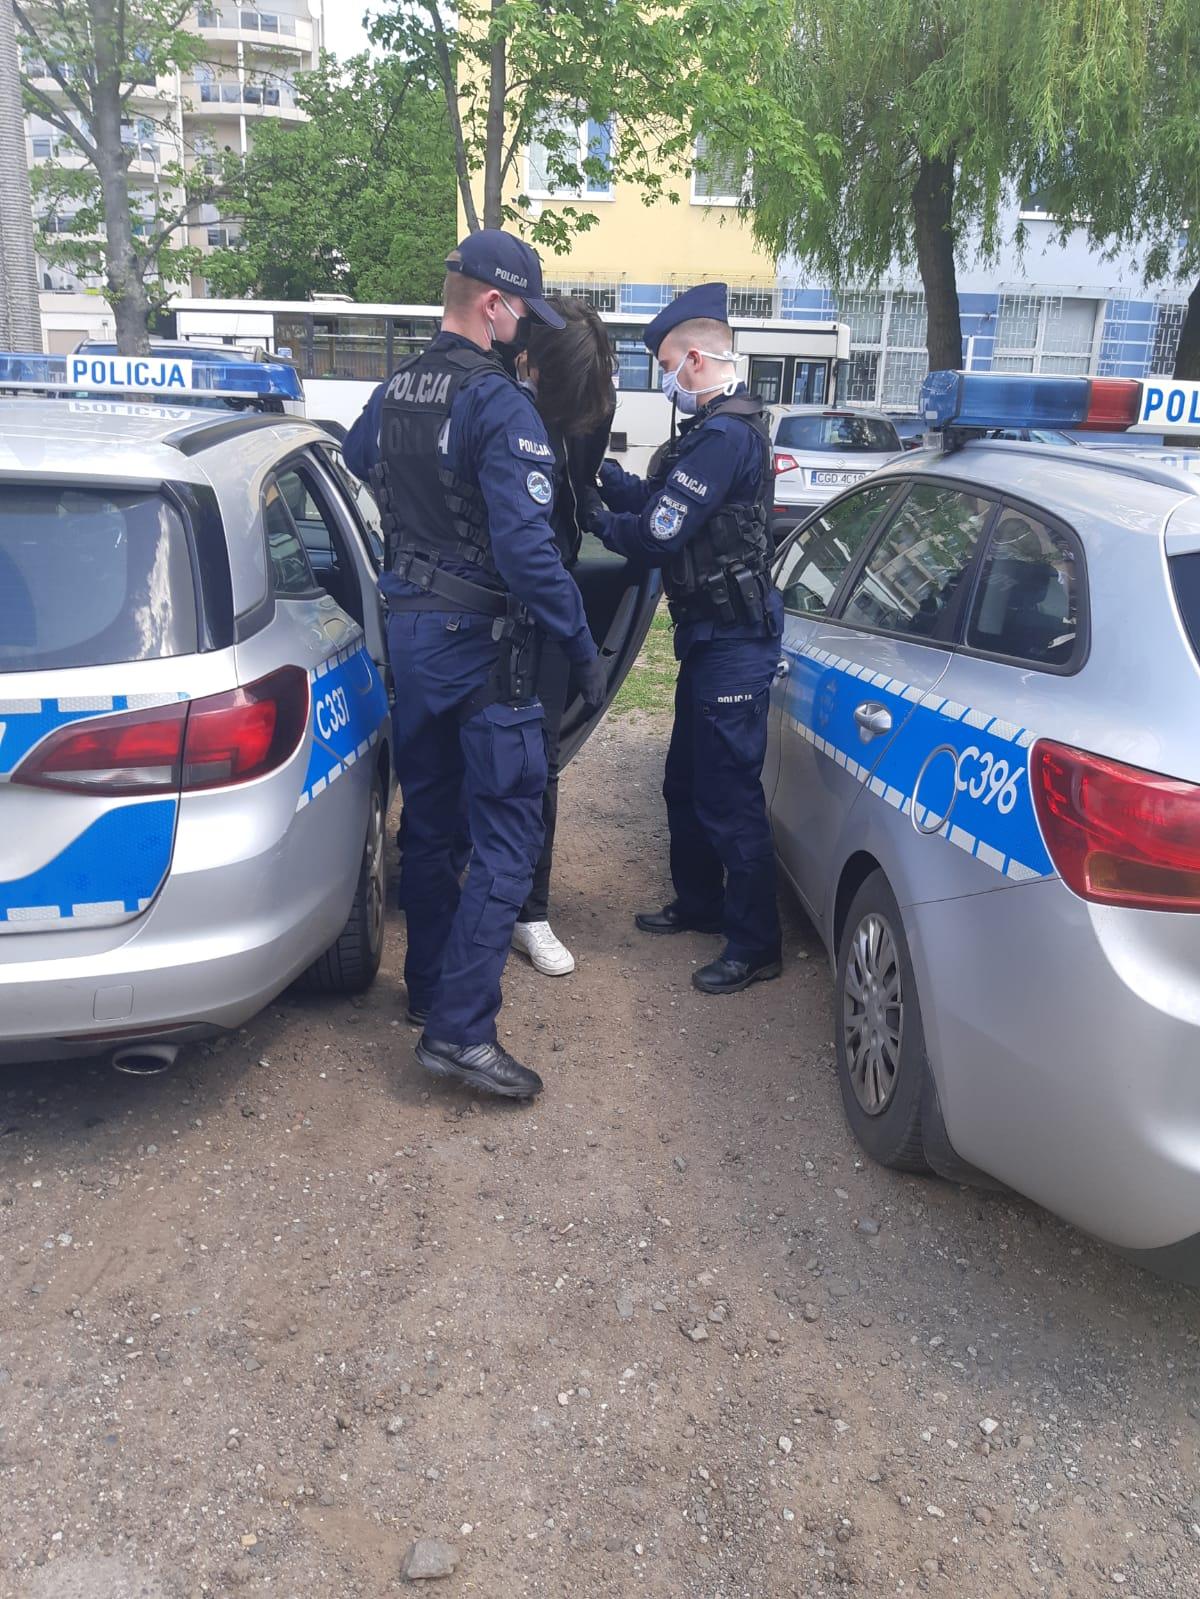 http://www.torun.kujawsko-pomorska.policja.gov.pl/dokumenty/zalaczniki/139/139-275472.jpg